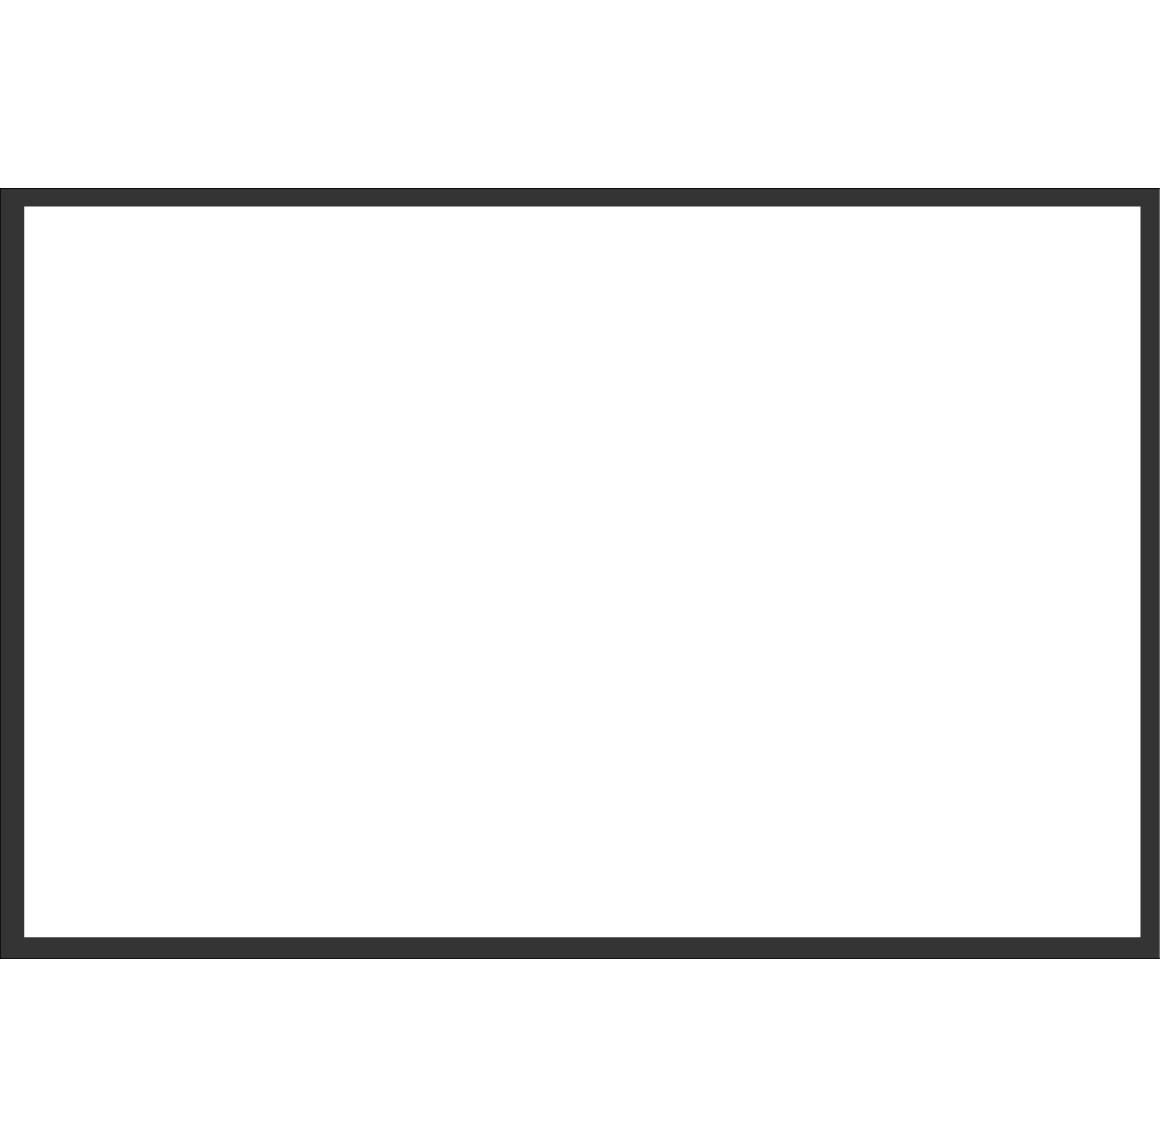 rechthoek-horizontaal